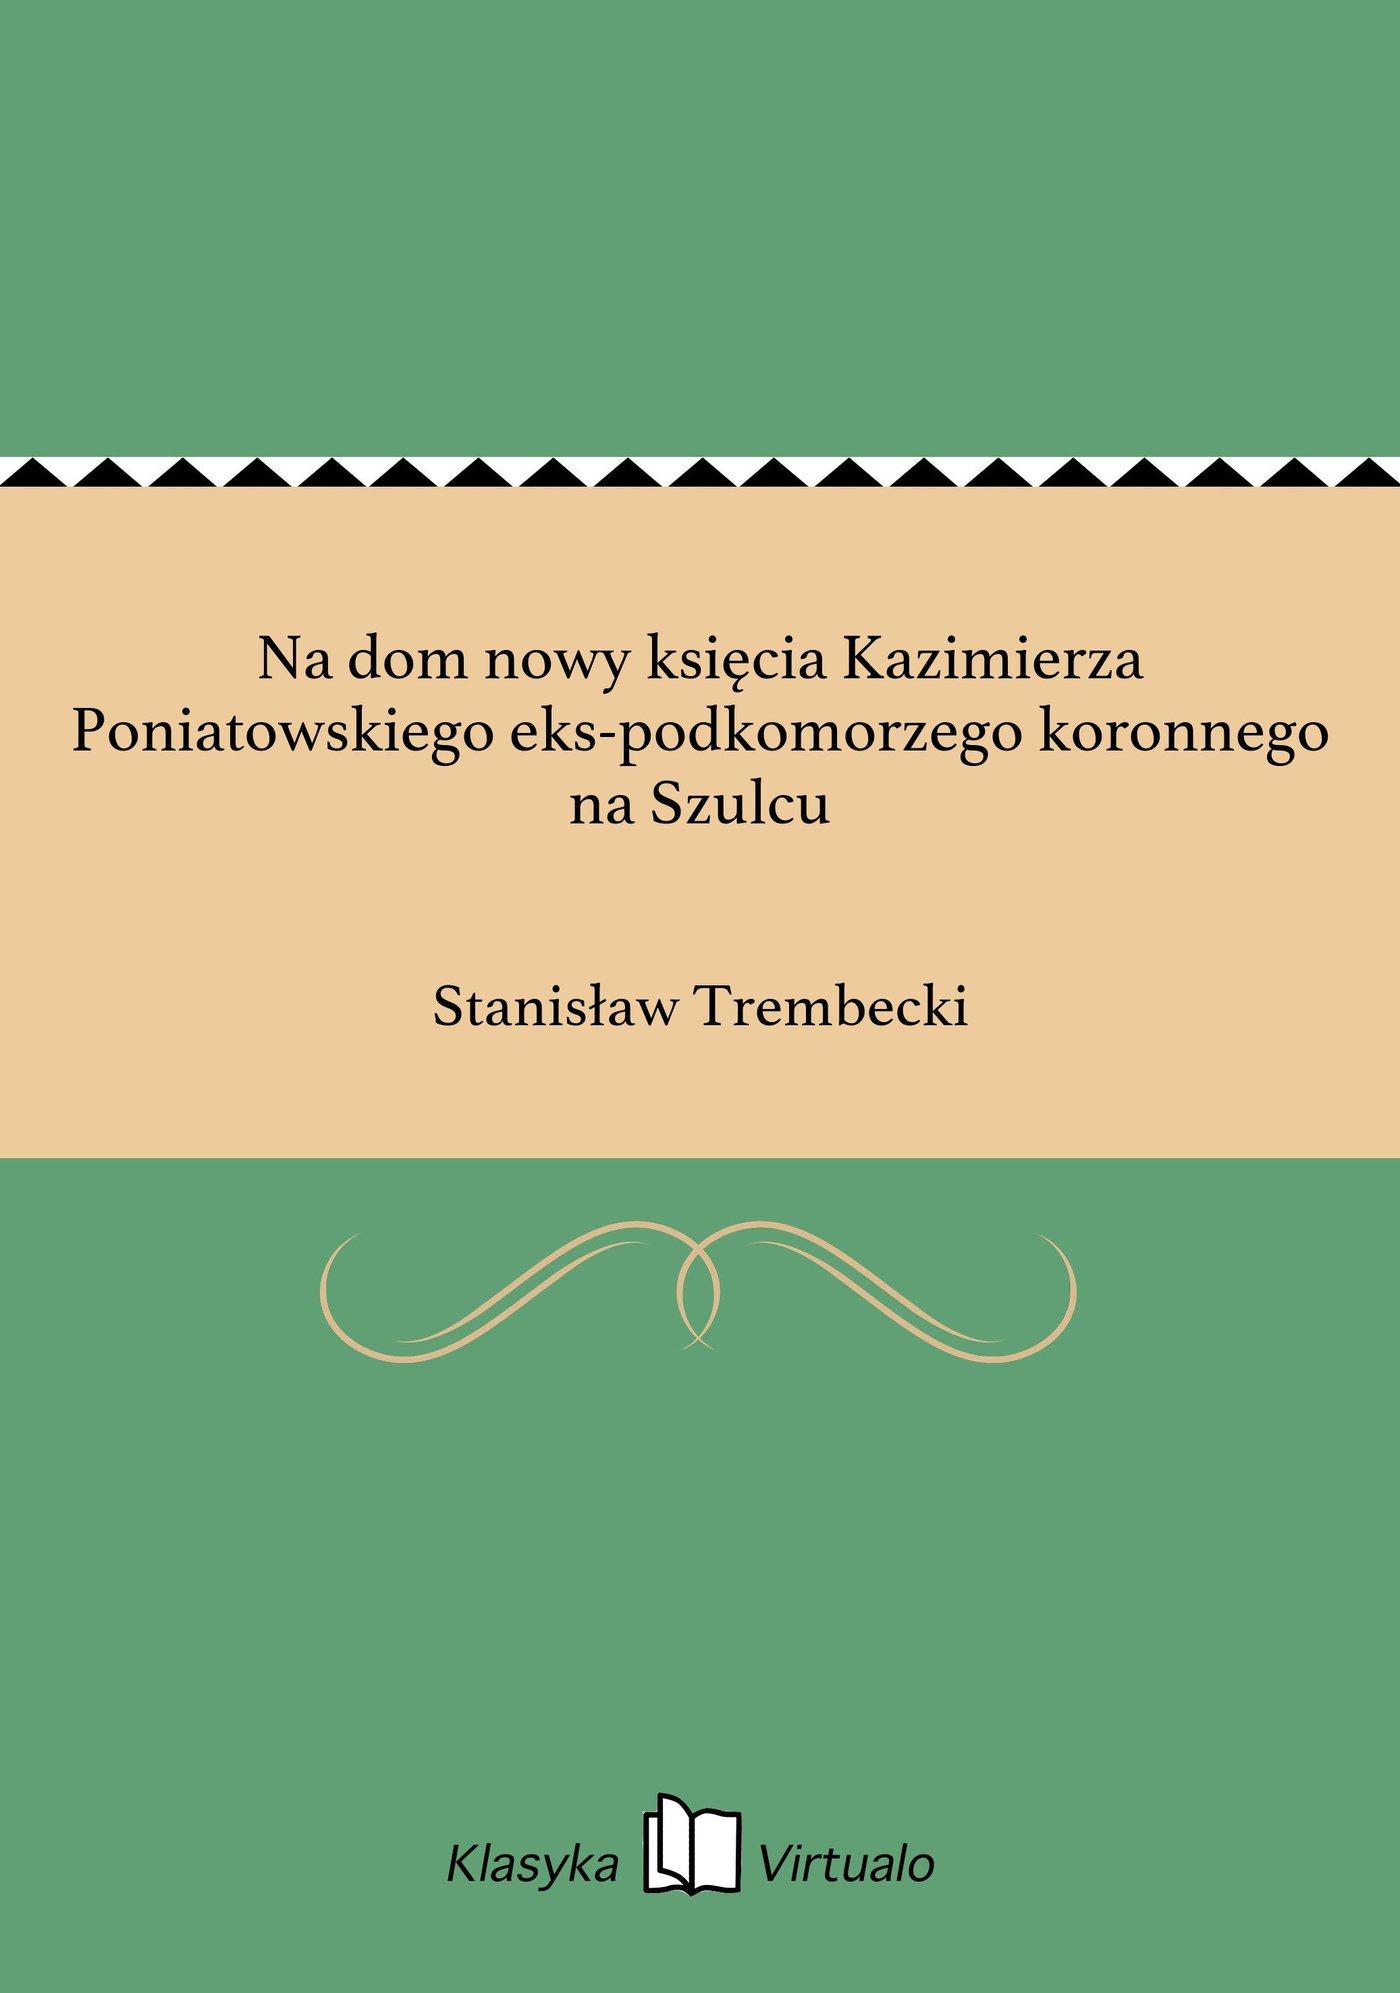 Na dom nowy księcia Kazimierza Poniatowskiego eks-podkomorzego koronnego na Szulcu - Ebook (Książka EPUB) do pobrania w formacie EPUB